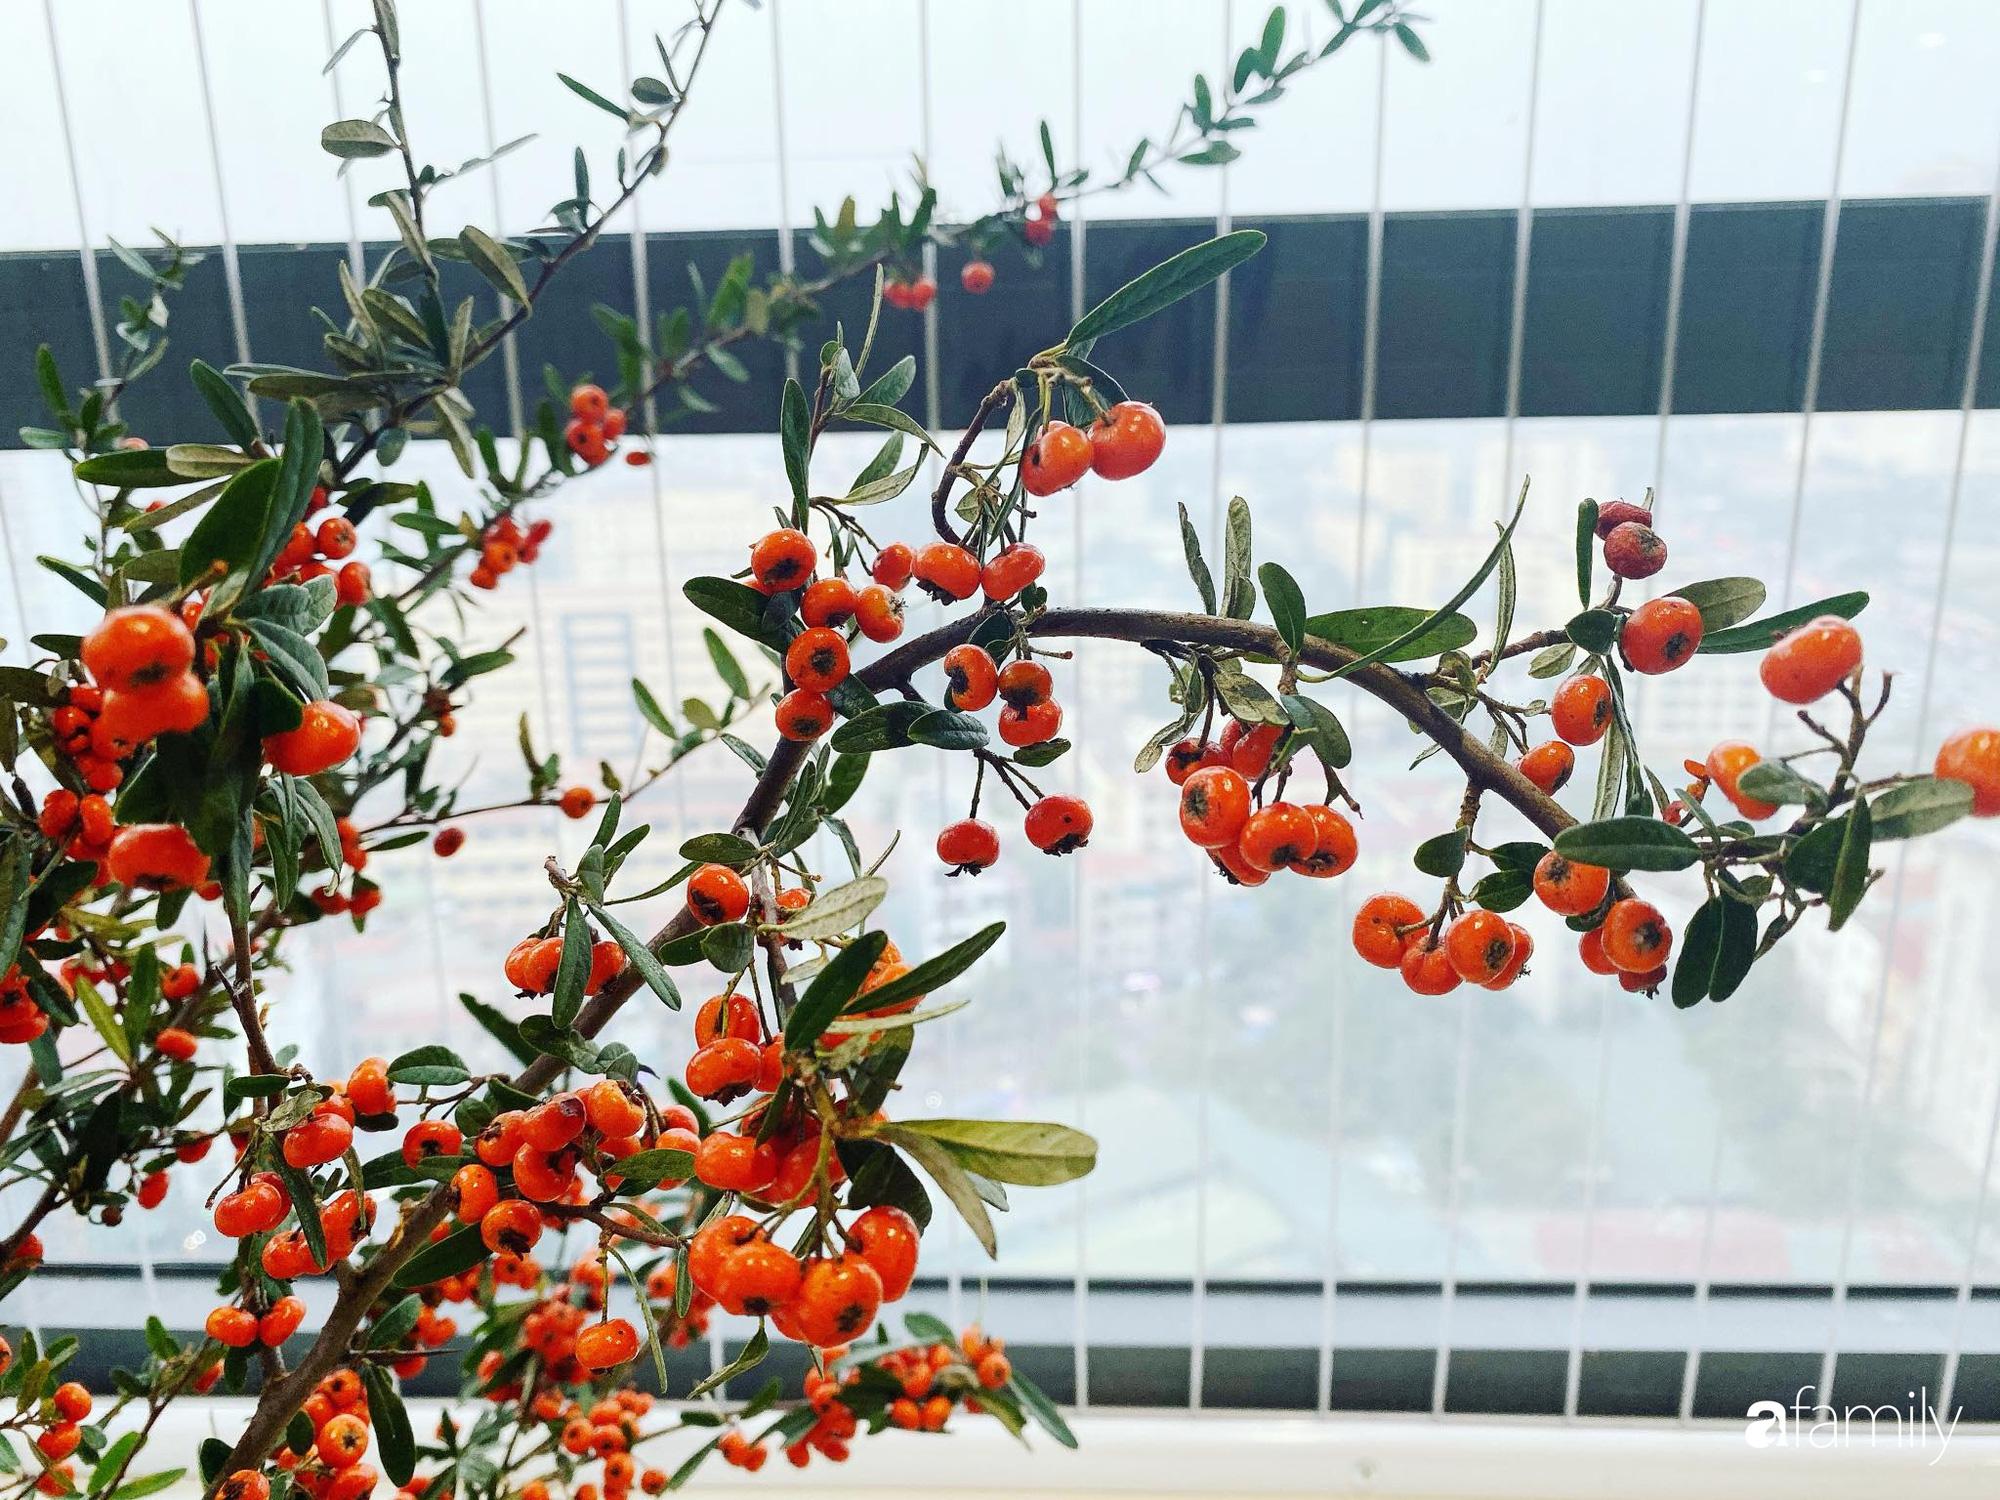 Căn hộ 76,9m2 đầm ấm với sắc hoa dịu dàng đón Tết ở Mỹ Đình, Hà Nội - Ảnh 14.